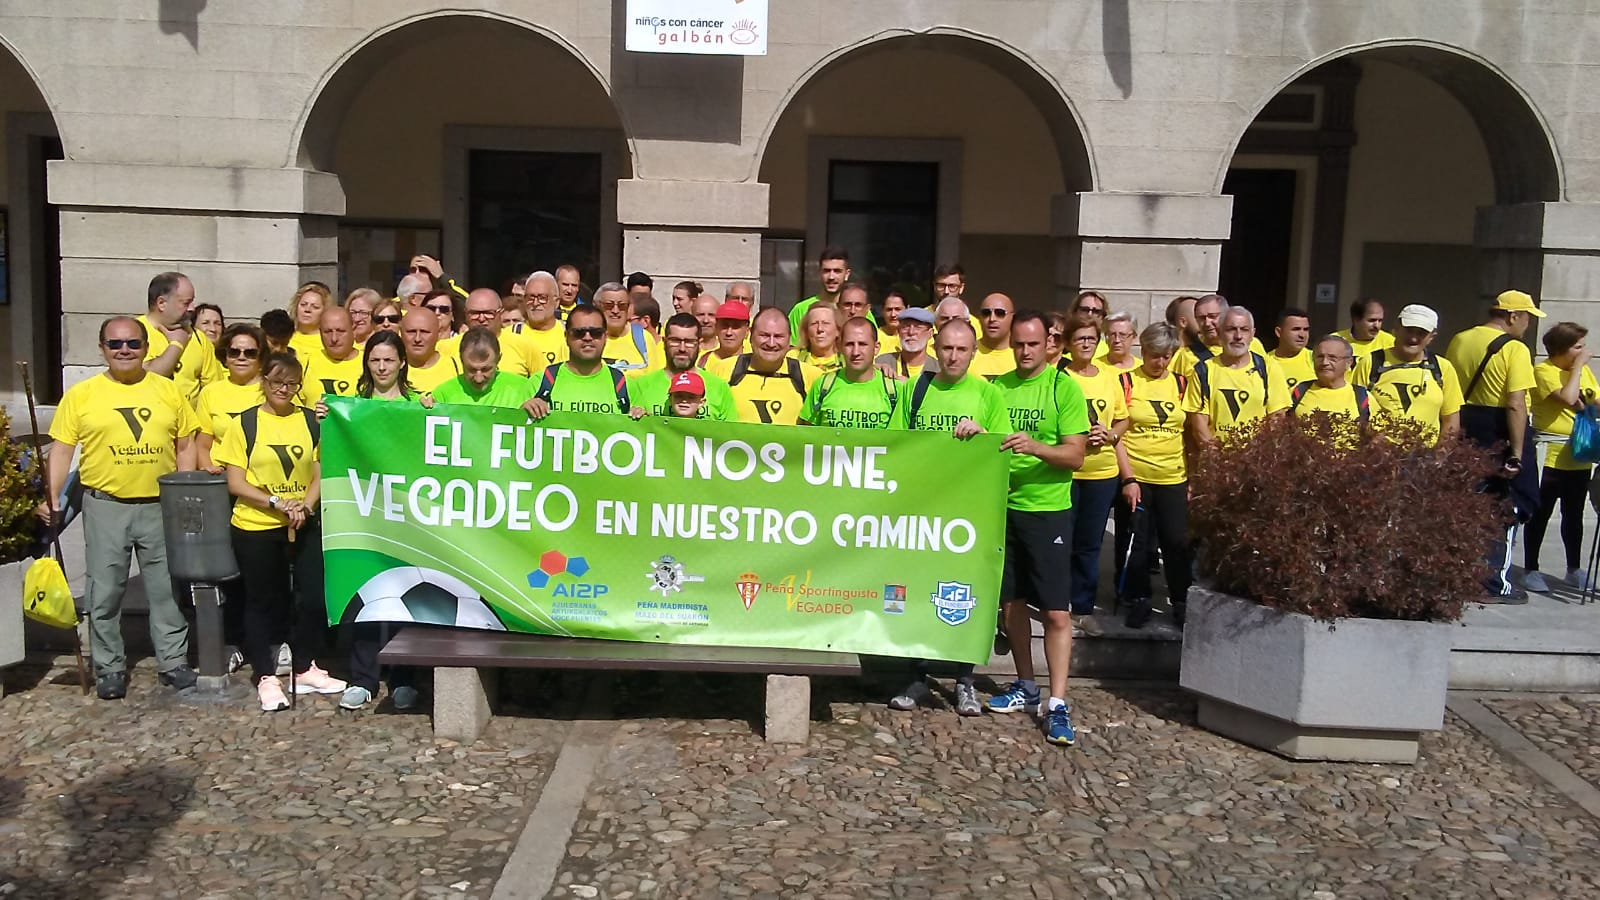 Jornada de Confraternización de las Peñas Futbolísticas de Vegadeo